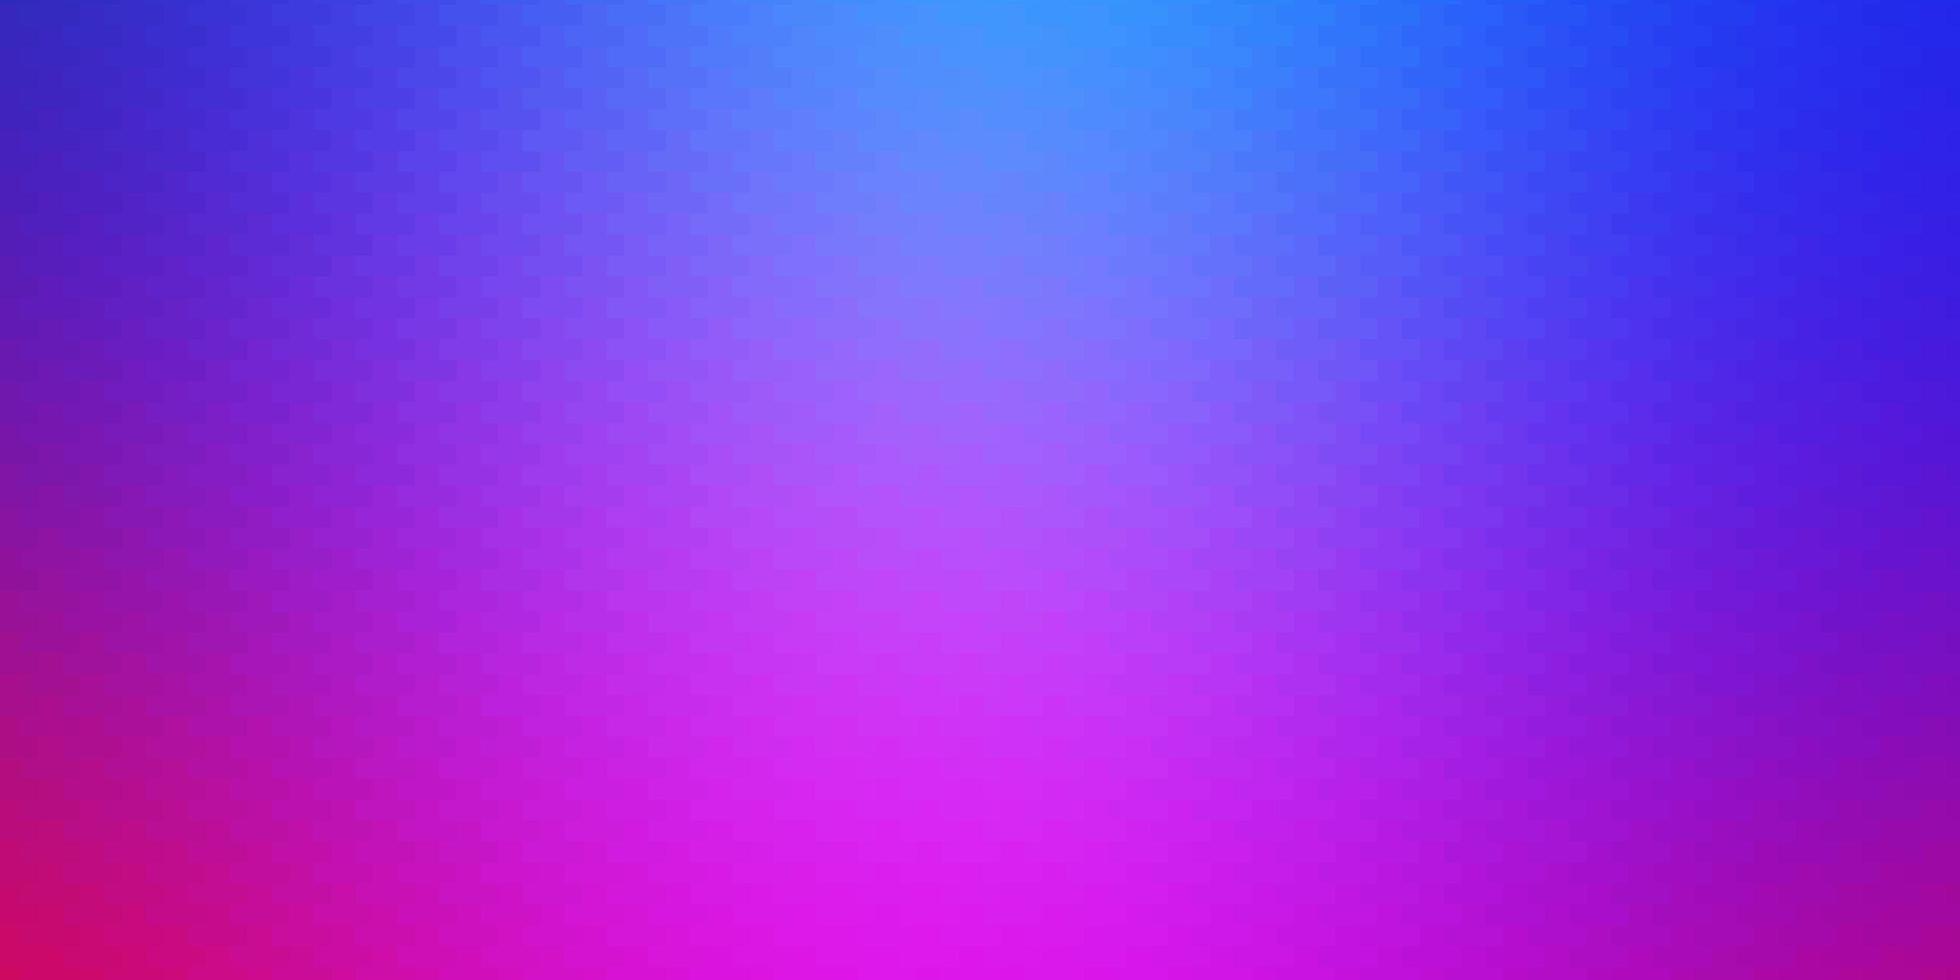 fundo rosa claro, azul em estilo poligonal. vetor